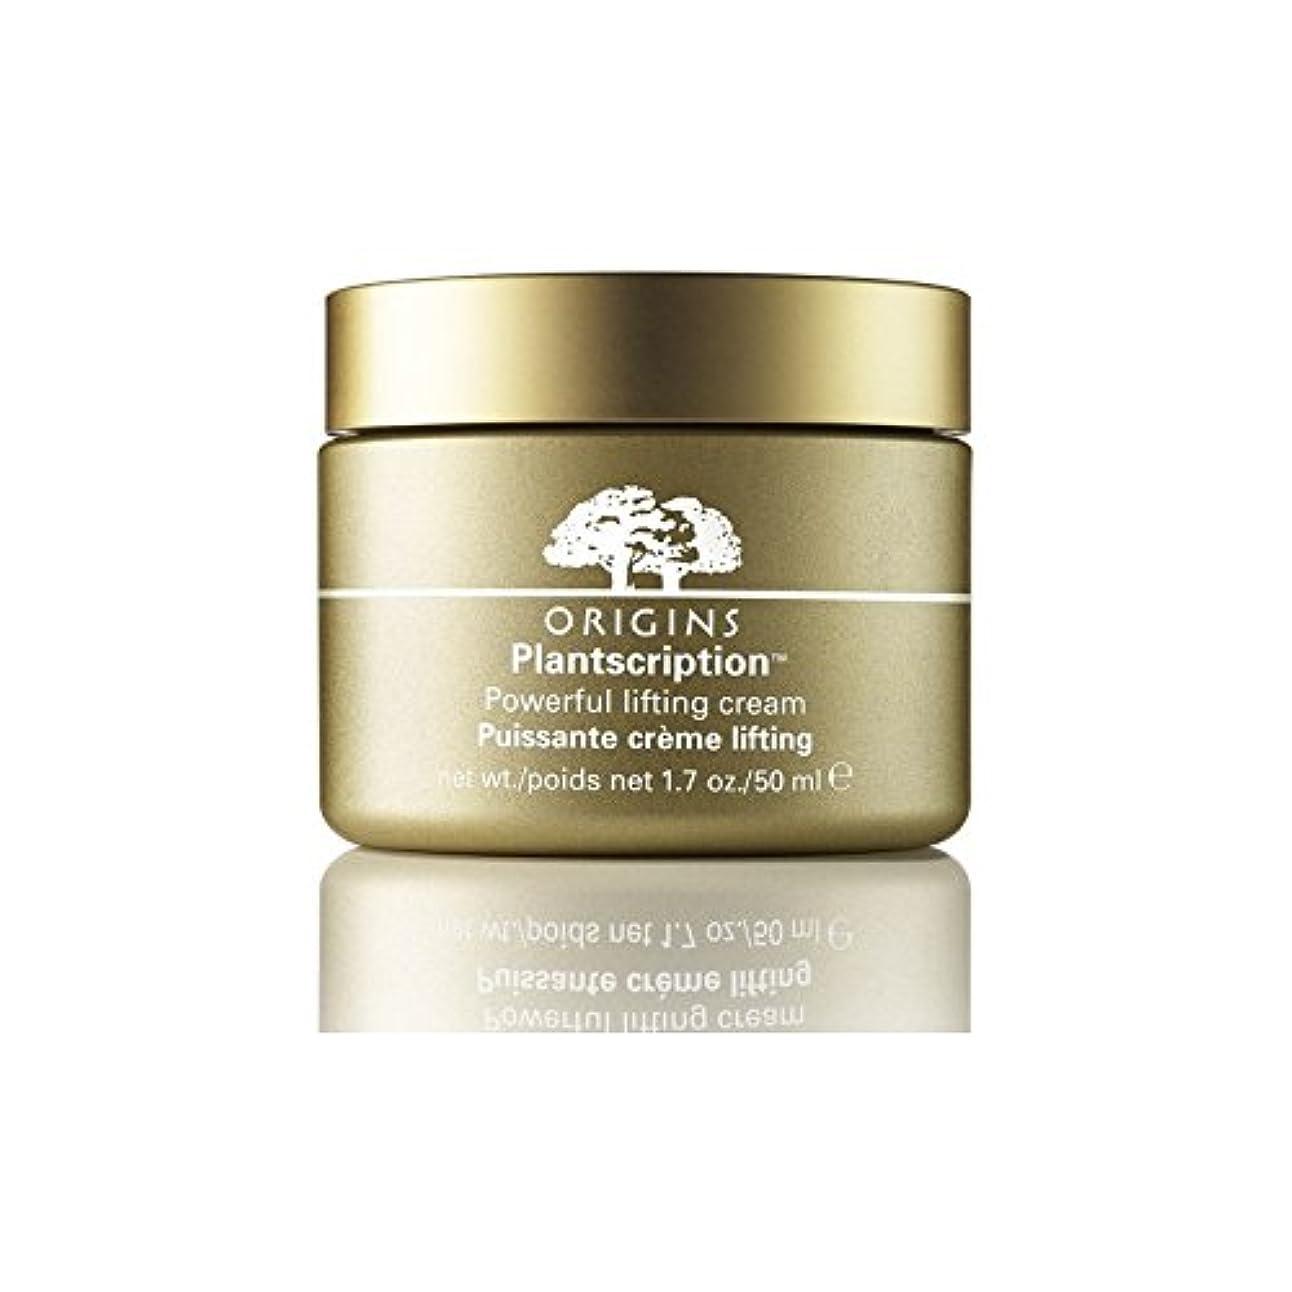 野望馬鹿統合Origins Plantscription Powerful Lifting Cream 50ml - 起源強力なリフティングクリーム50 [並行輸入品]